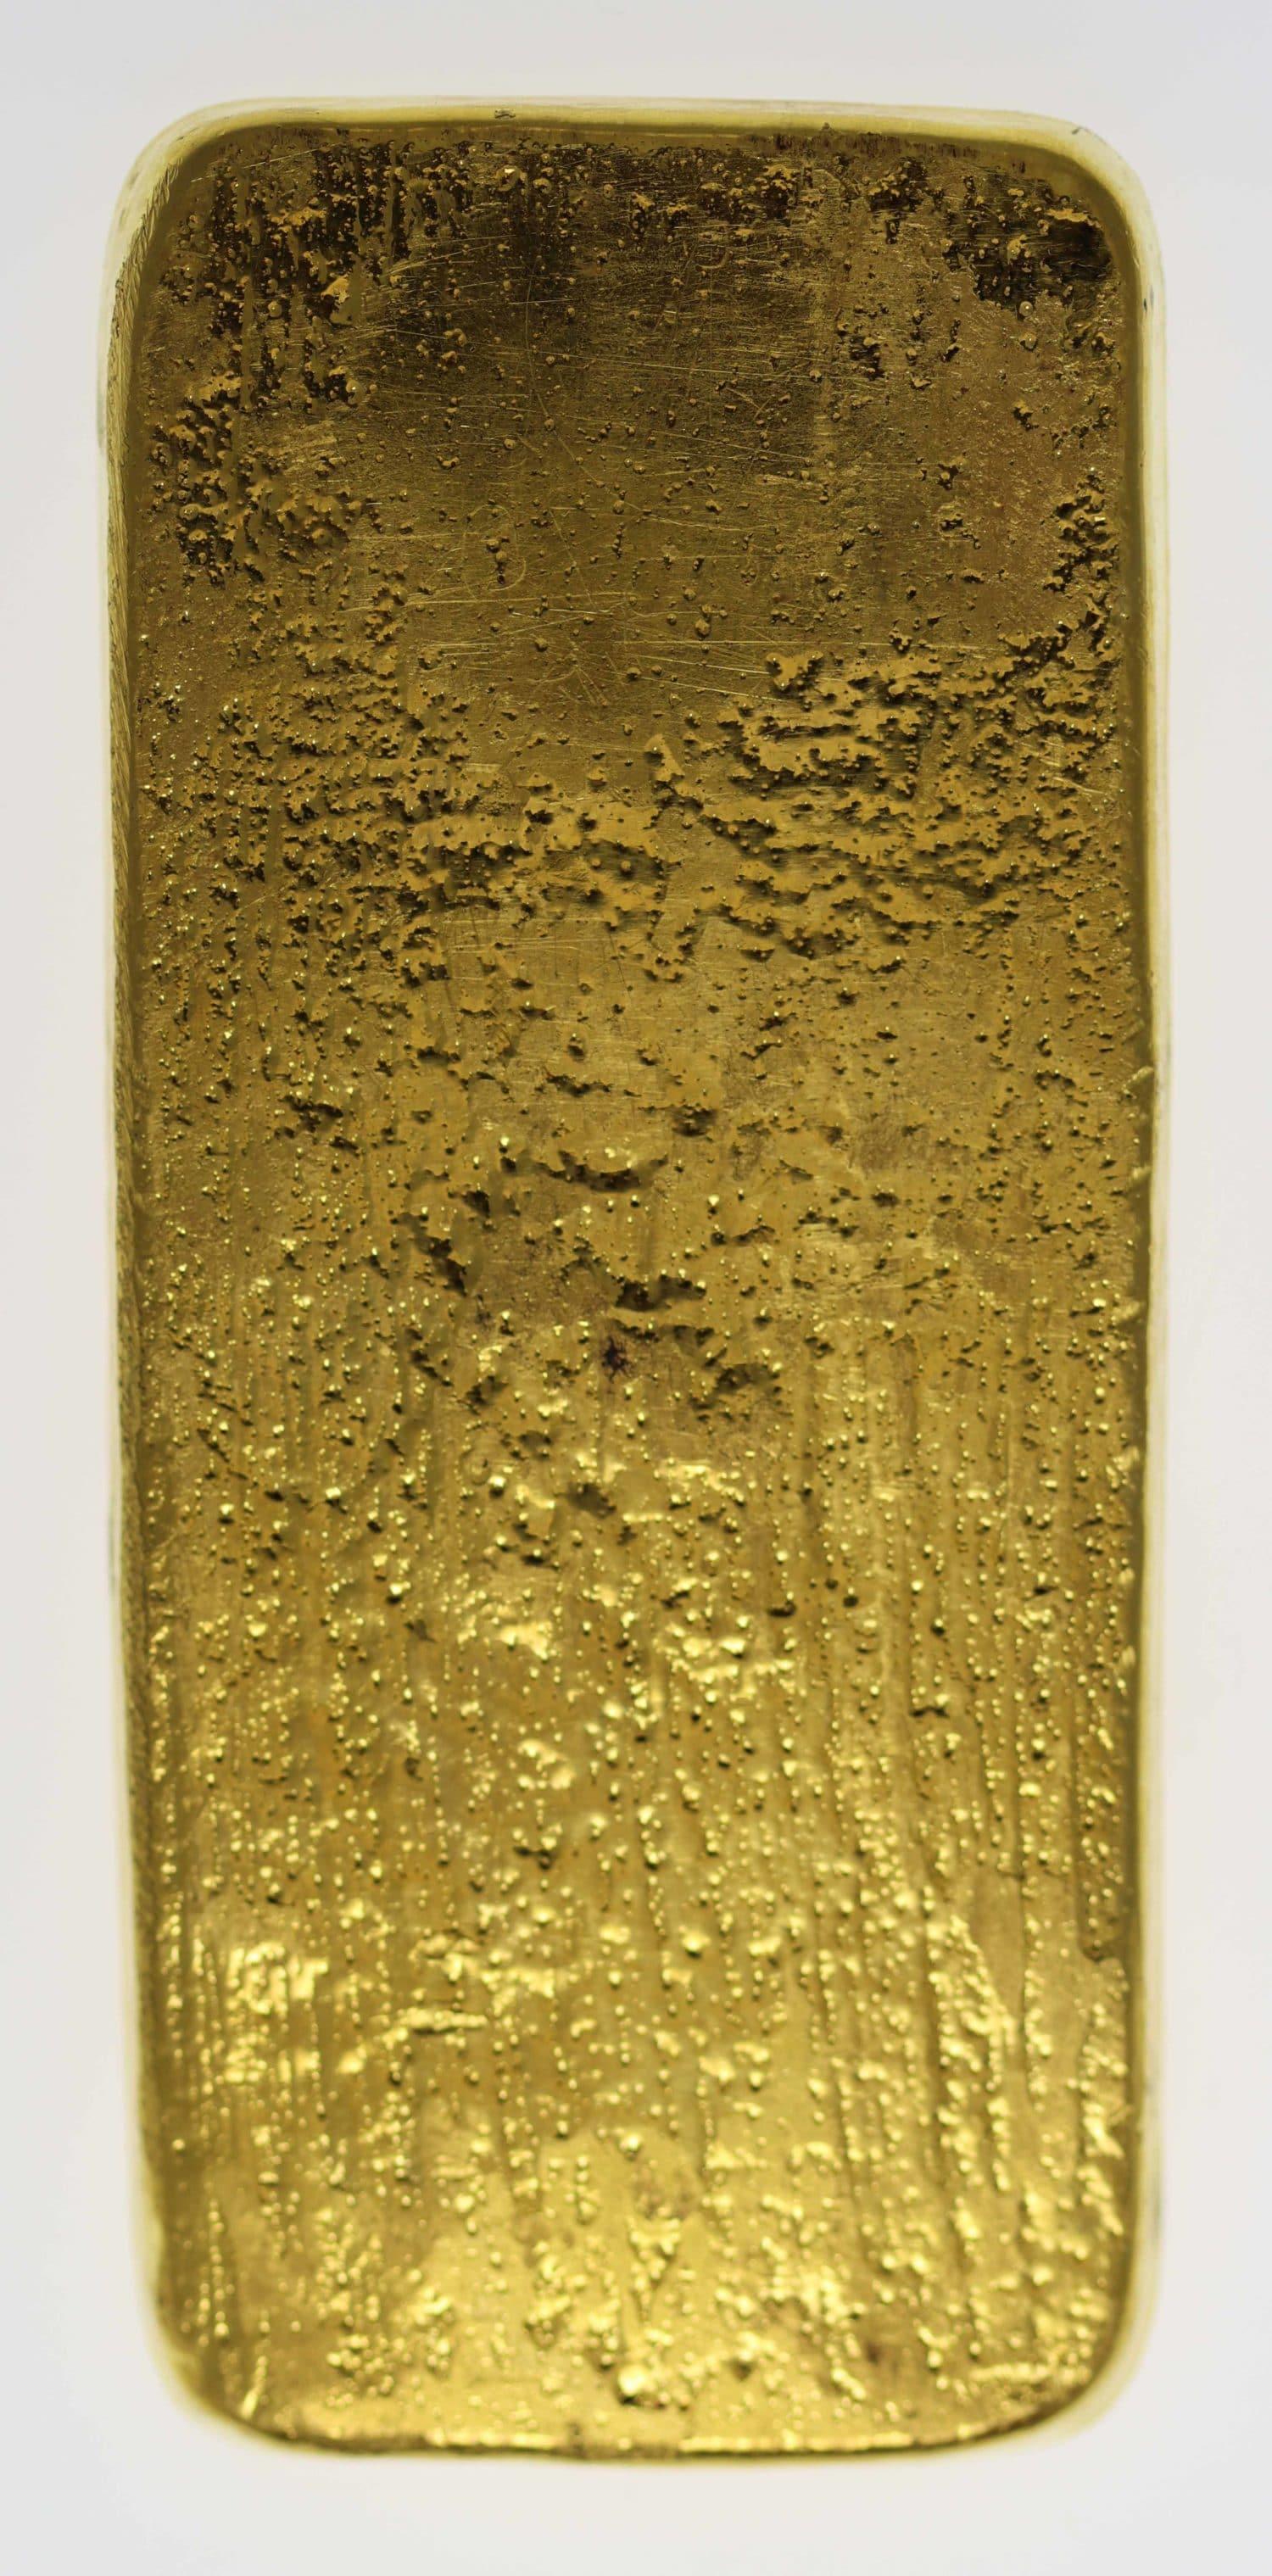 goldbarren - Goldbarren 1000 GrammGroßbritannien N.M. Rothschild & Sons Limited